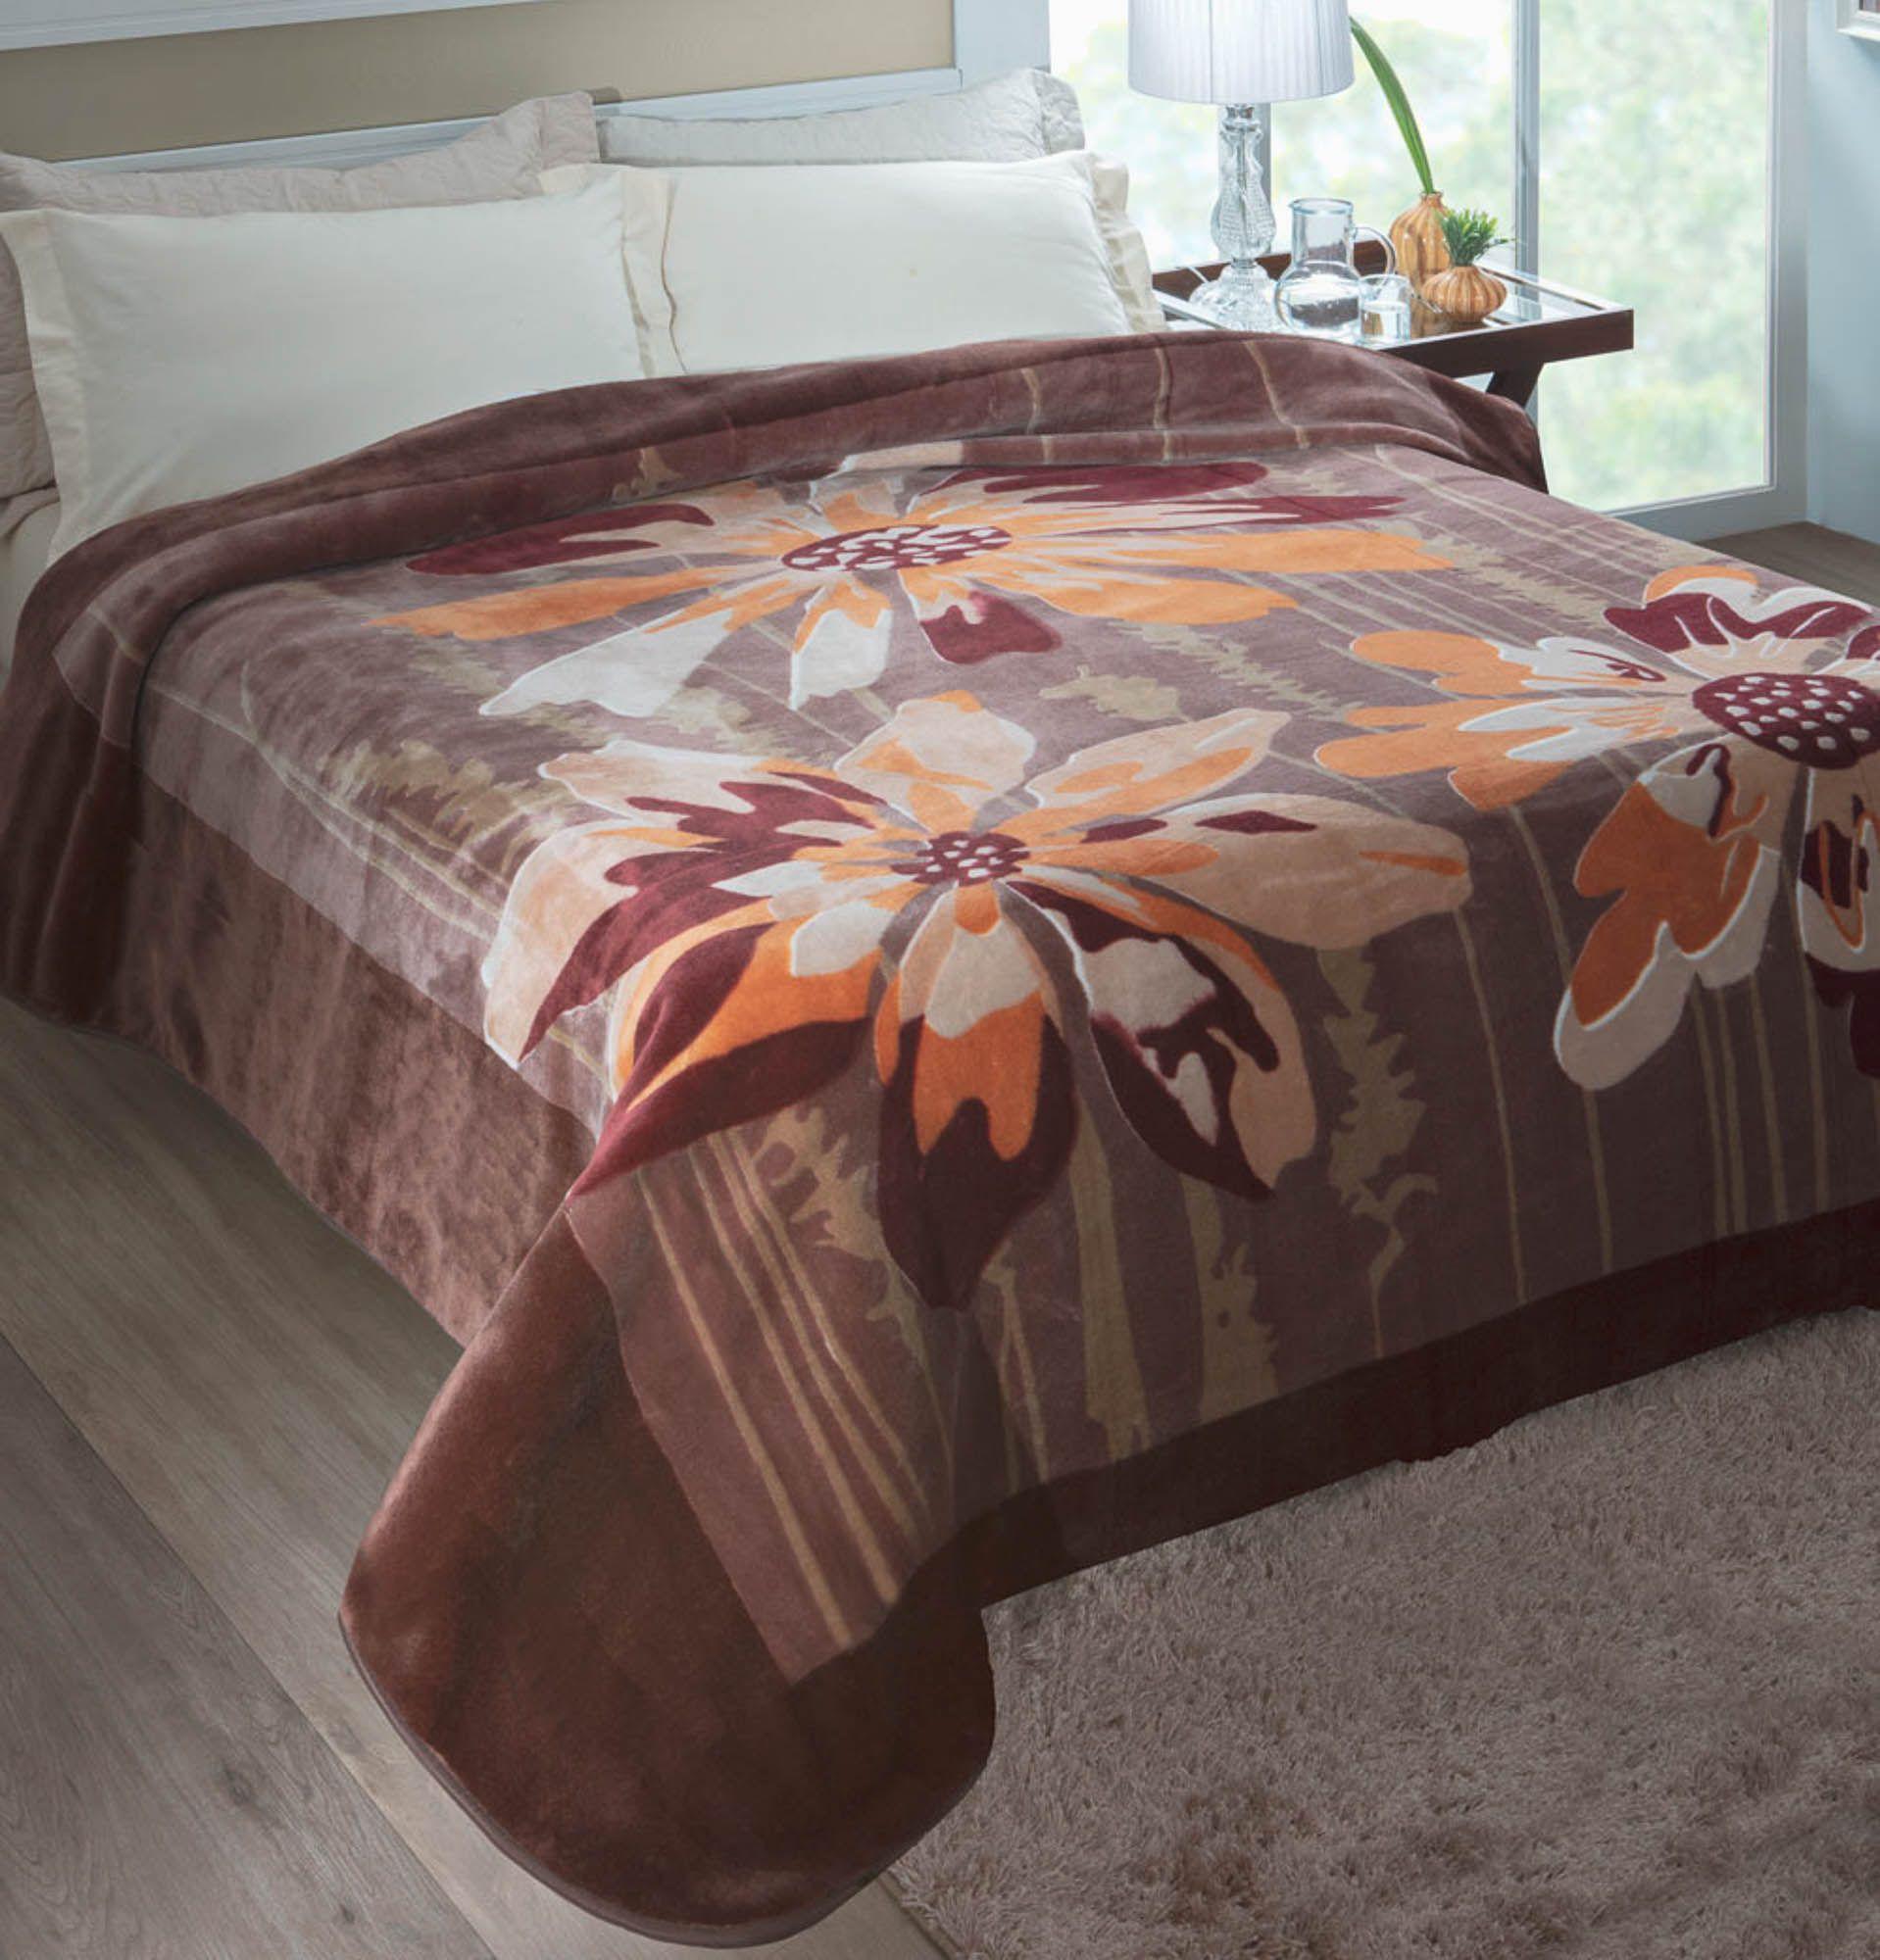 Cobertor Jolitex Raschel Casal 1,80x2,20m Columbia